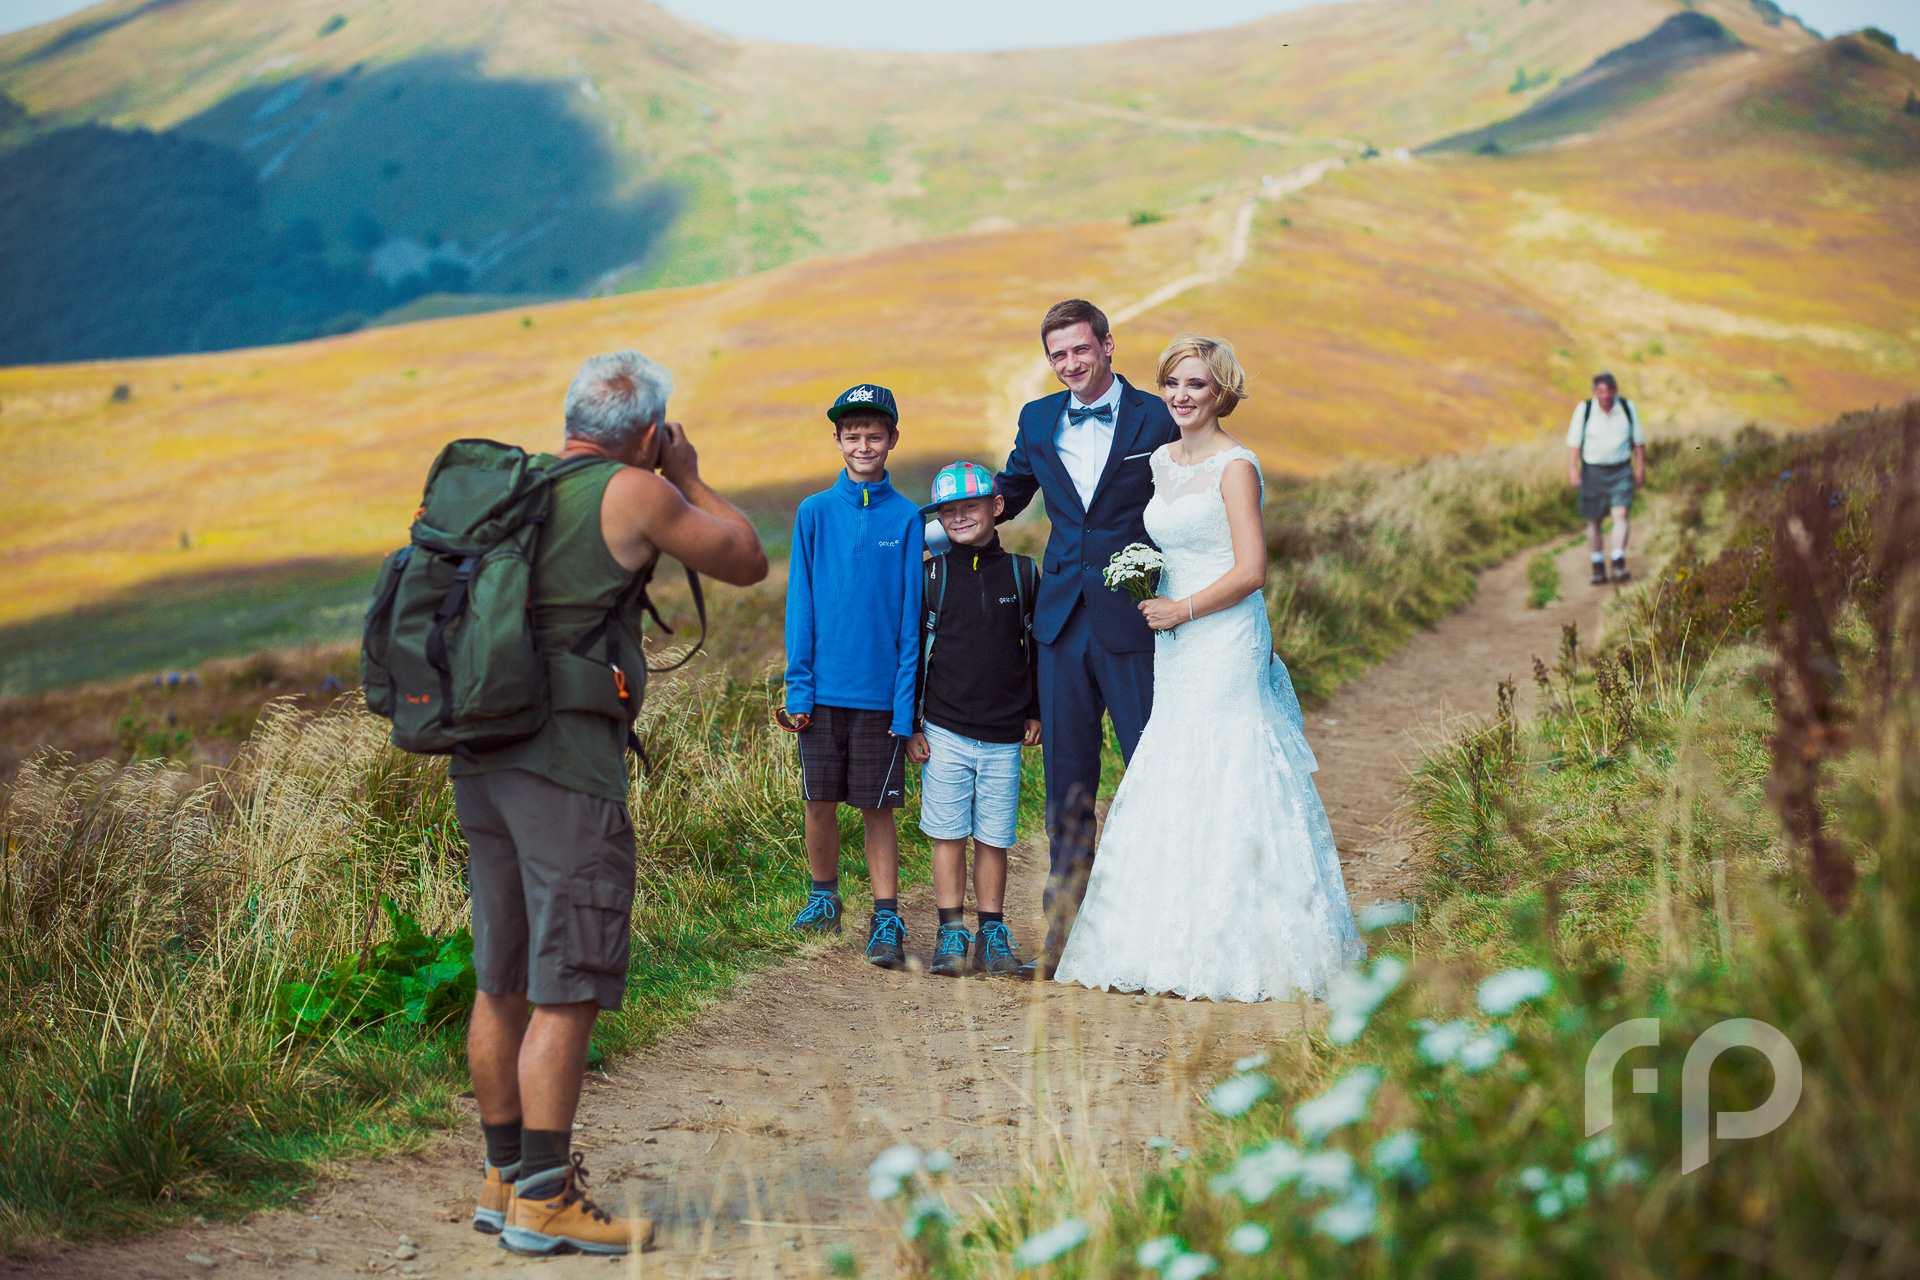 zdjęcie z turystami podczas pleneru ślubnego w Bieszczadach